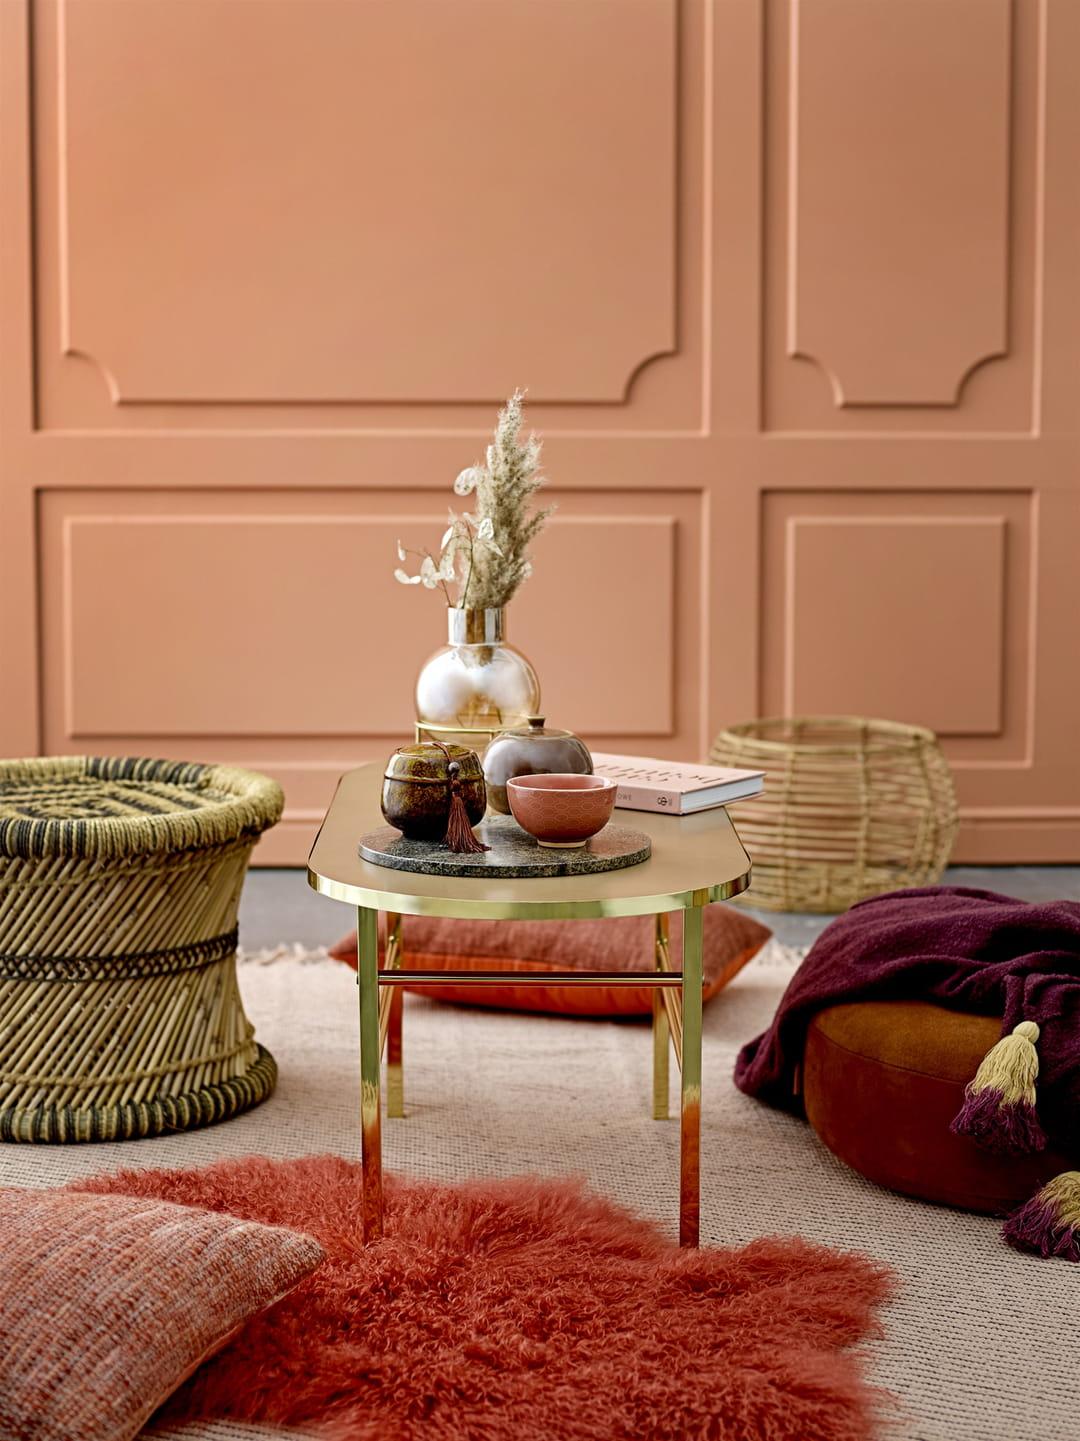 couleur-terracotta-deco